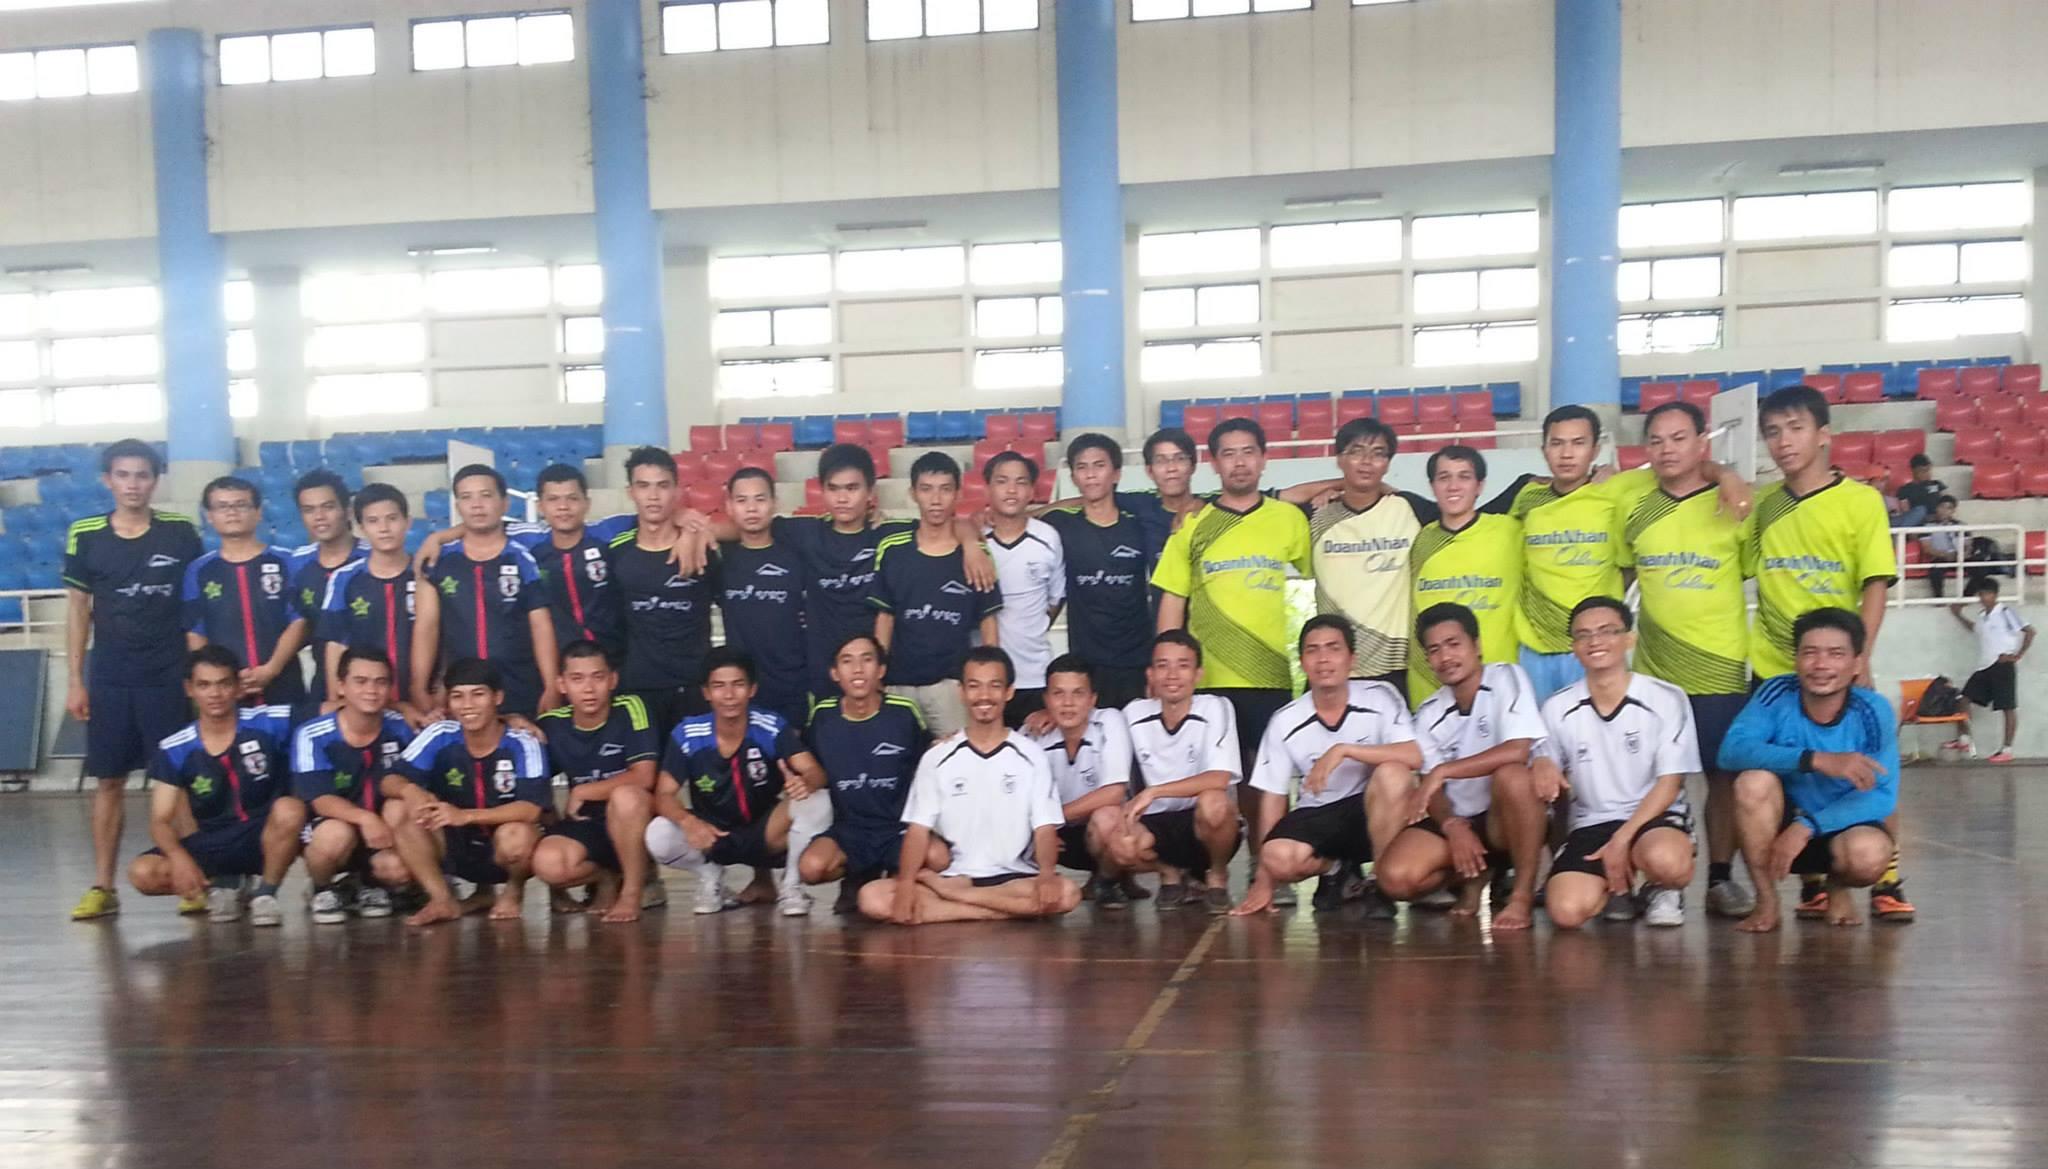 Giải được tổ chức lần 1 vào ngày 08/9/2013